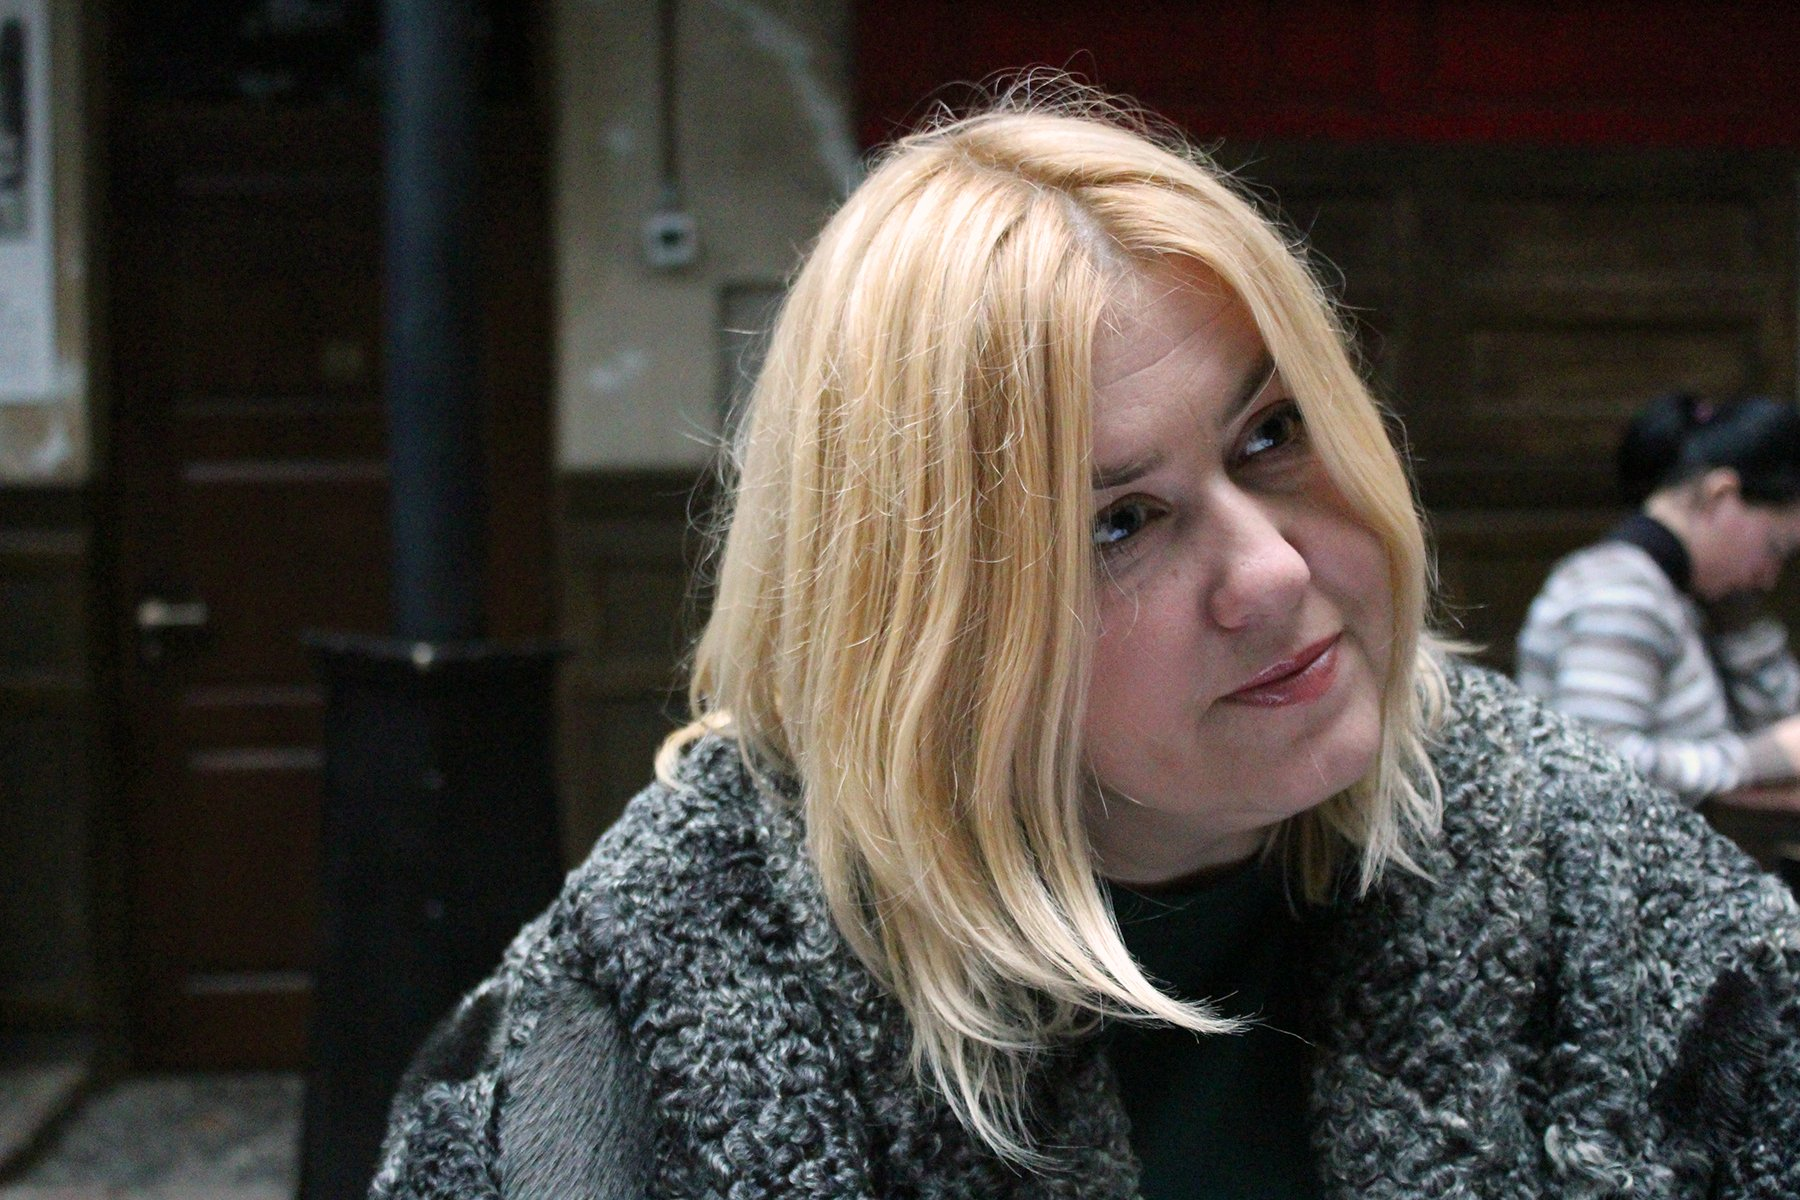 Світлана Мірошкіна — начальниця районної служби з надзвичайних ситуацій